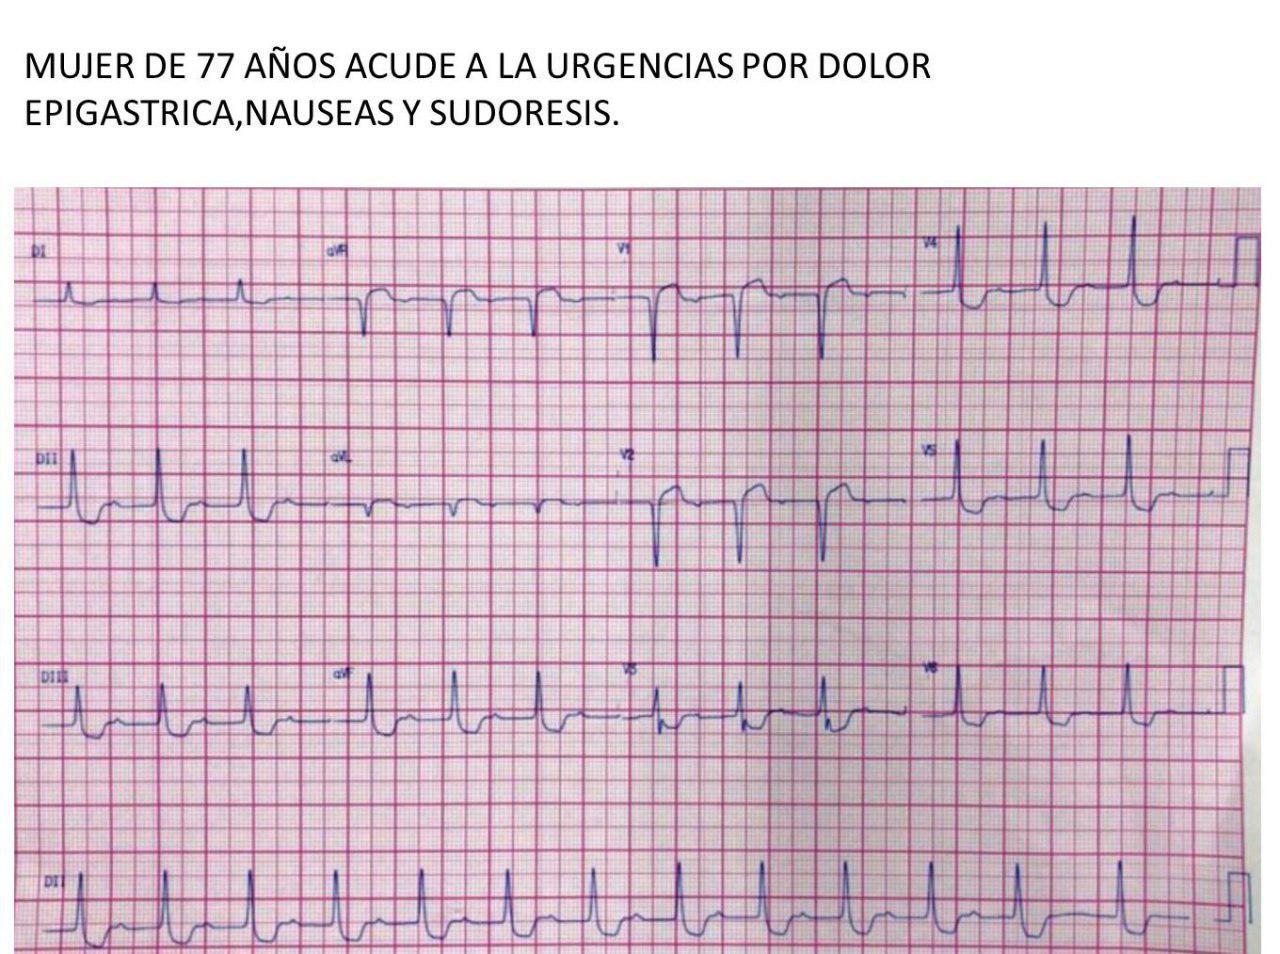 Mujer de 77 años con dolor precordial, nauseas y sudoración con ritmo de la unión por intoxicación digitálica